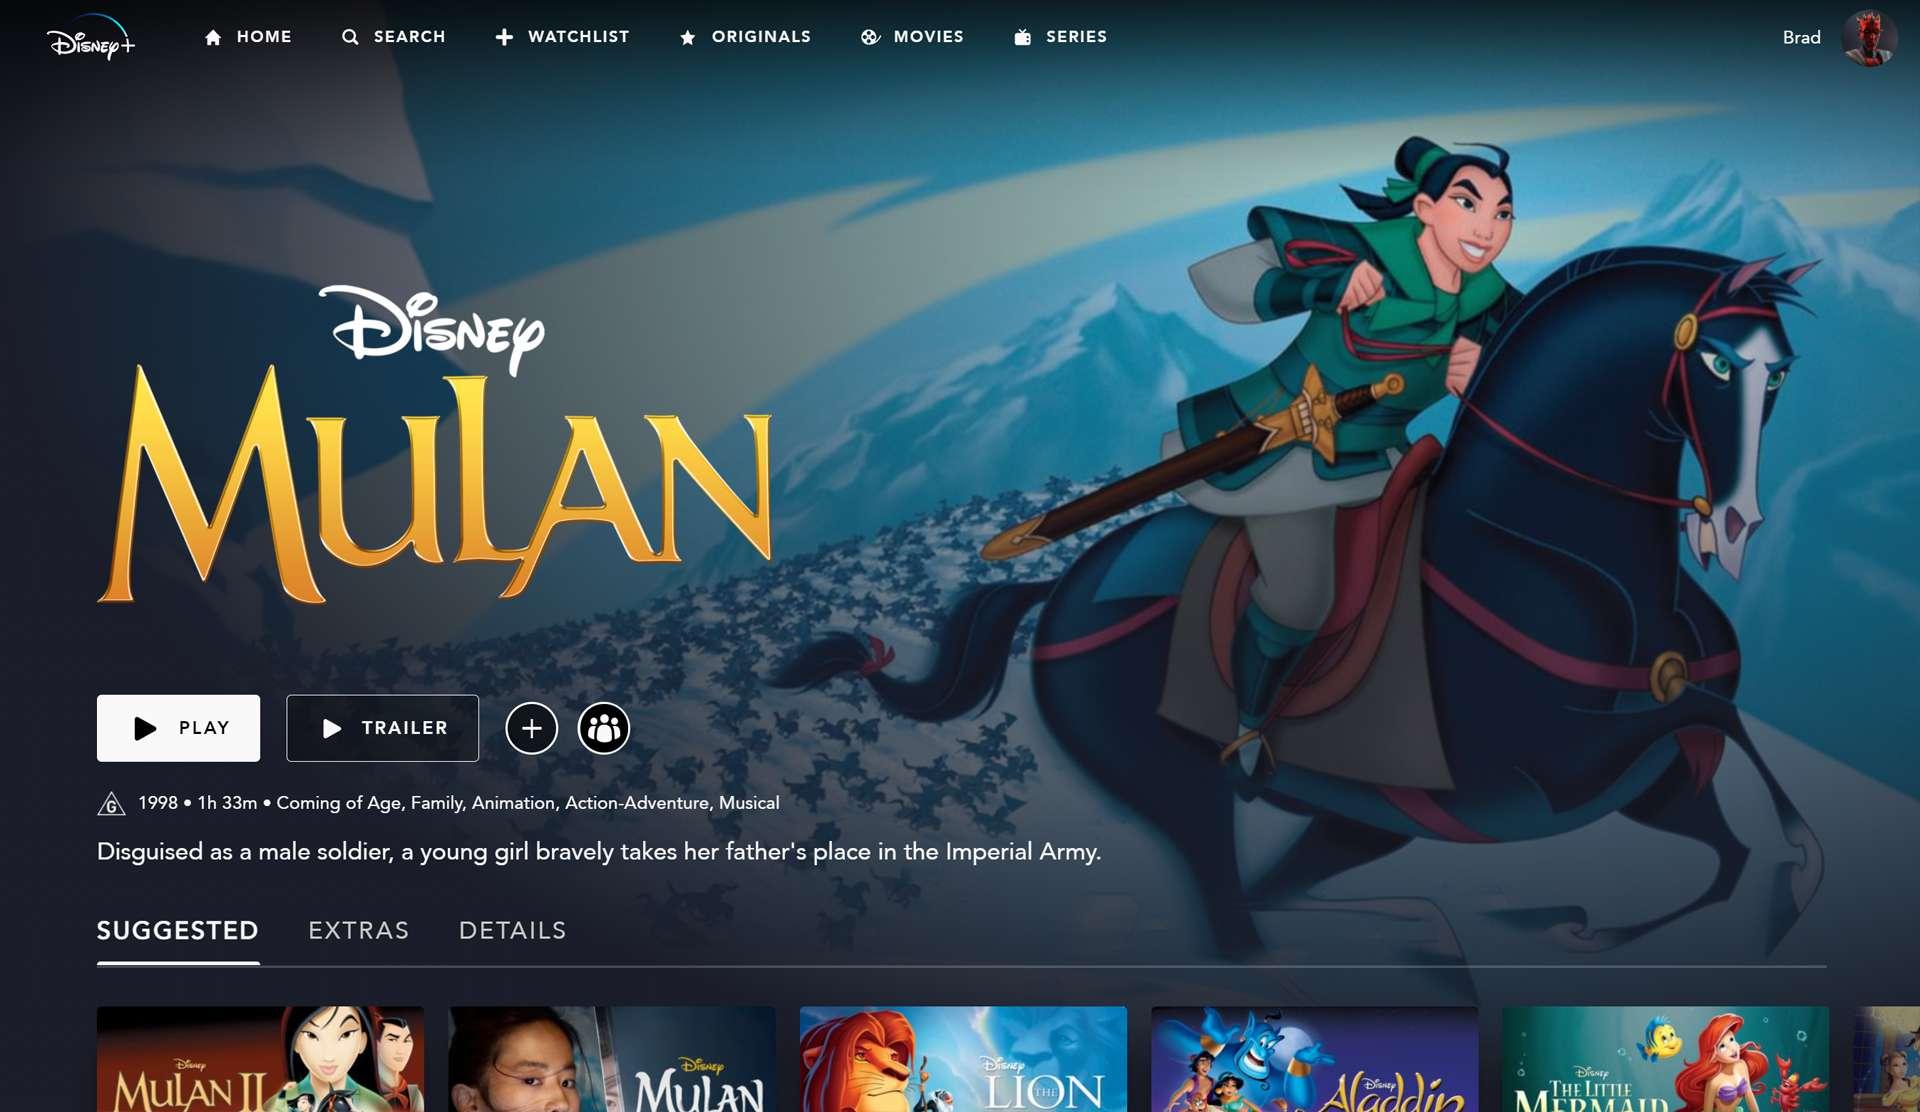 The original animated Mulan movie for kids on Disney Plus.